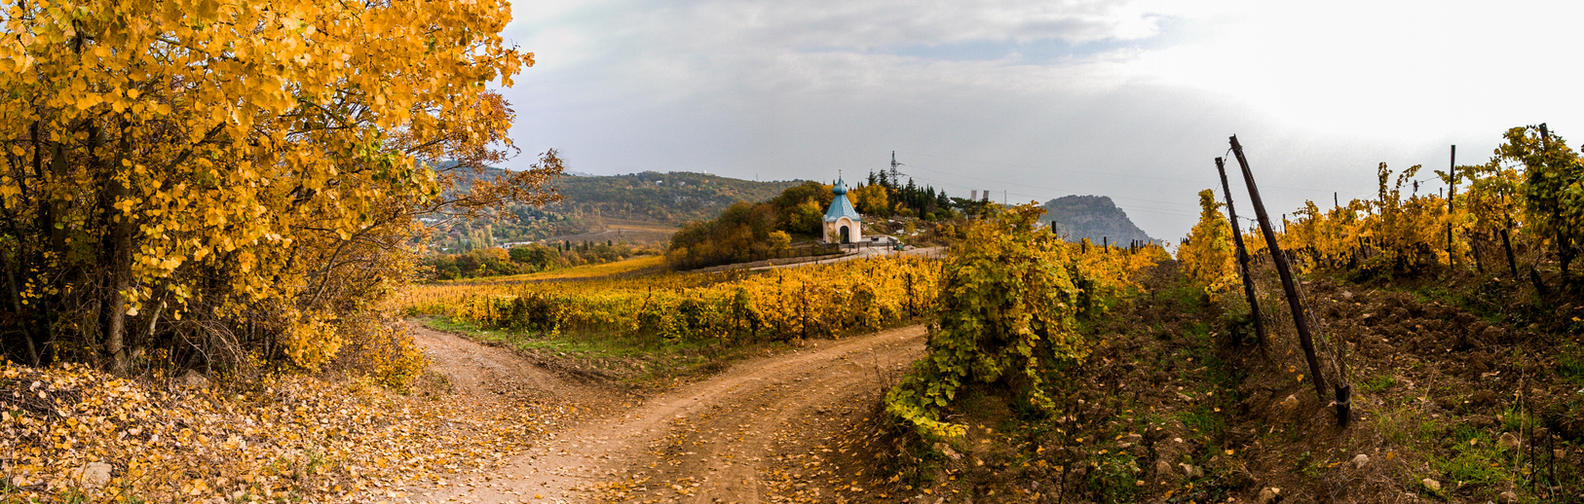 Autumn Vineyard Panorama by Chari-ot